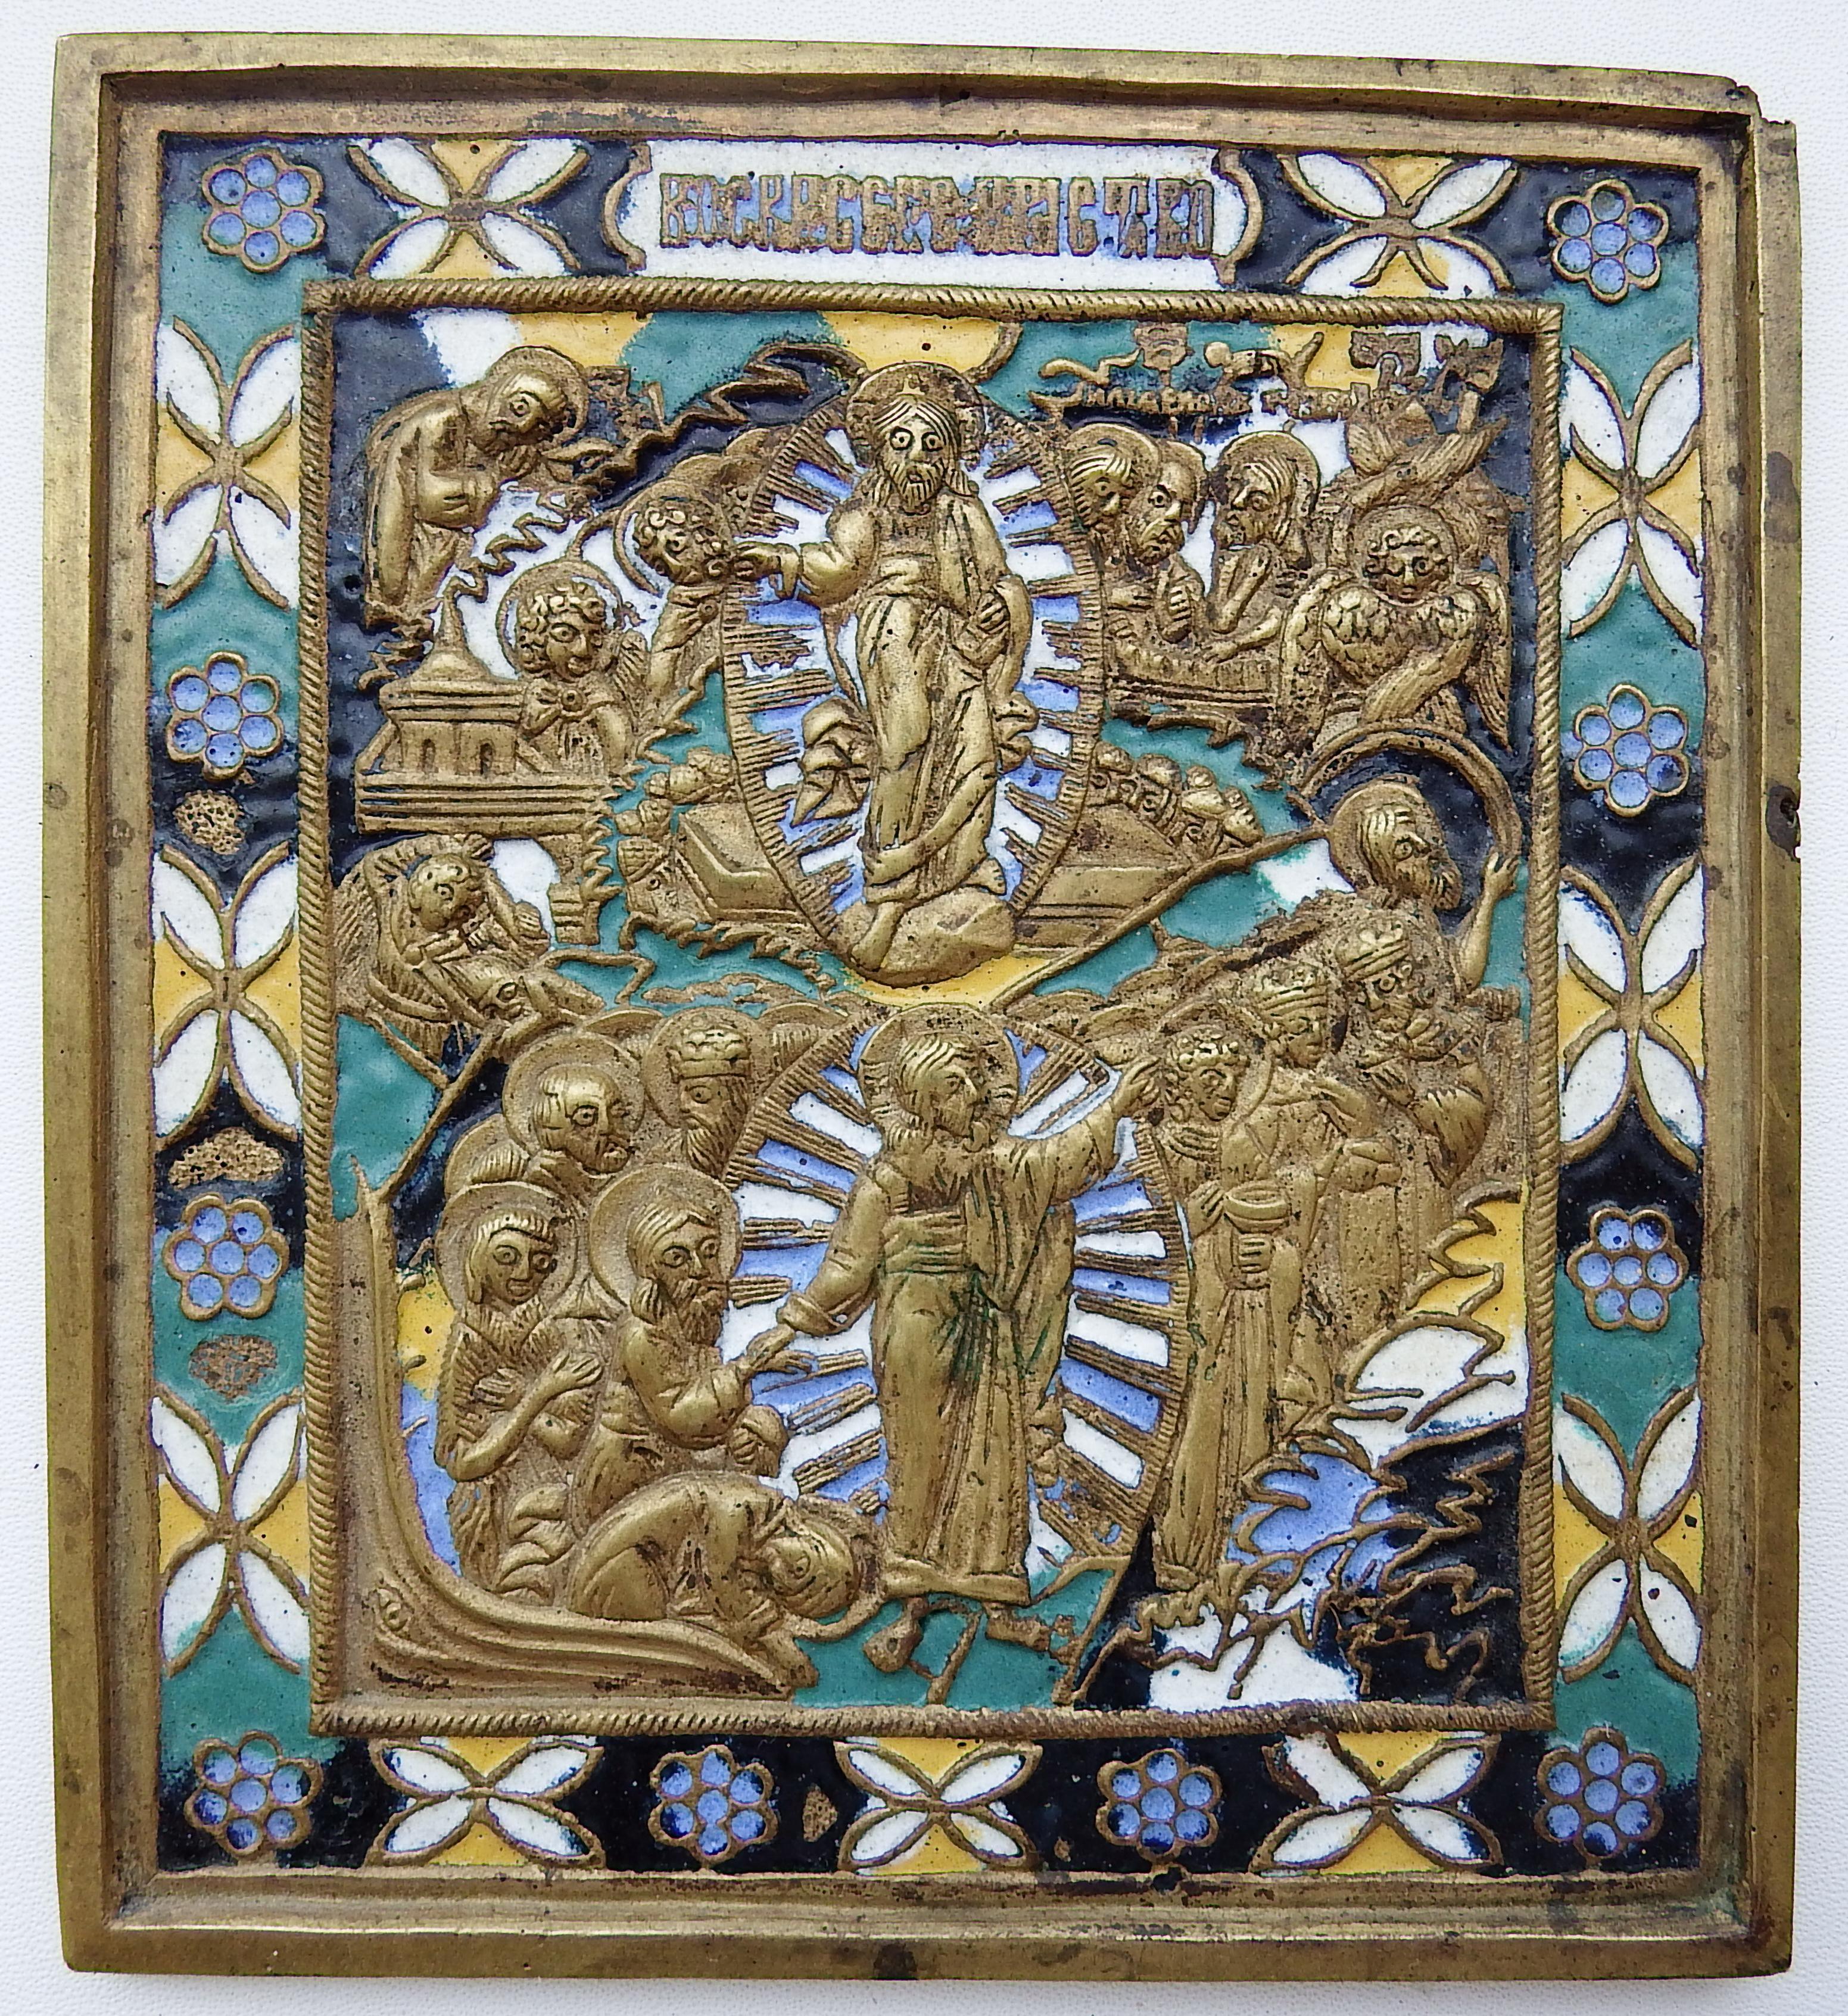 Икона Воскресение Христово. Сошествие во ад. 5 цв. Размер 10,6х11,1 см. Цена 160000 р.